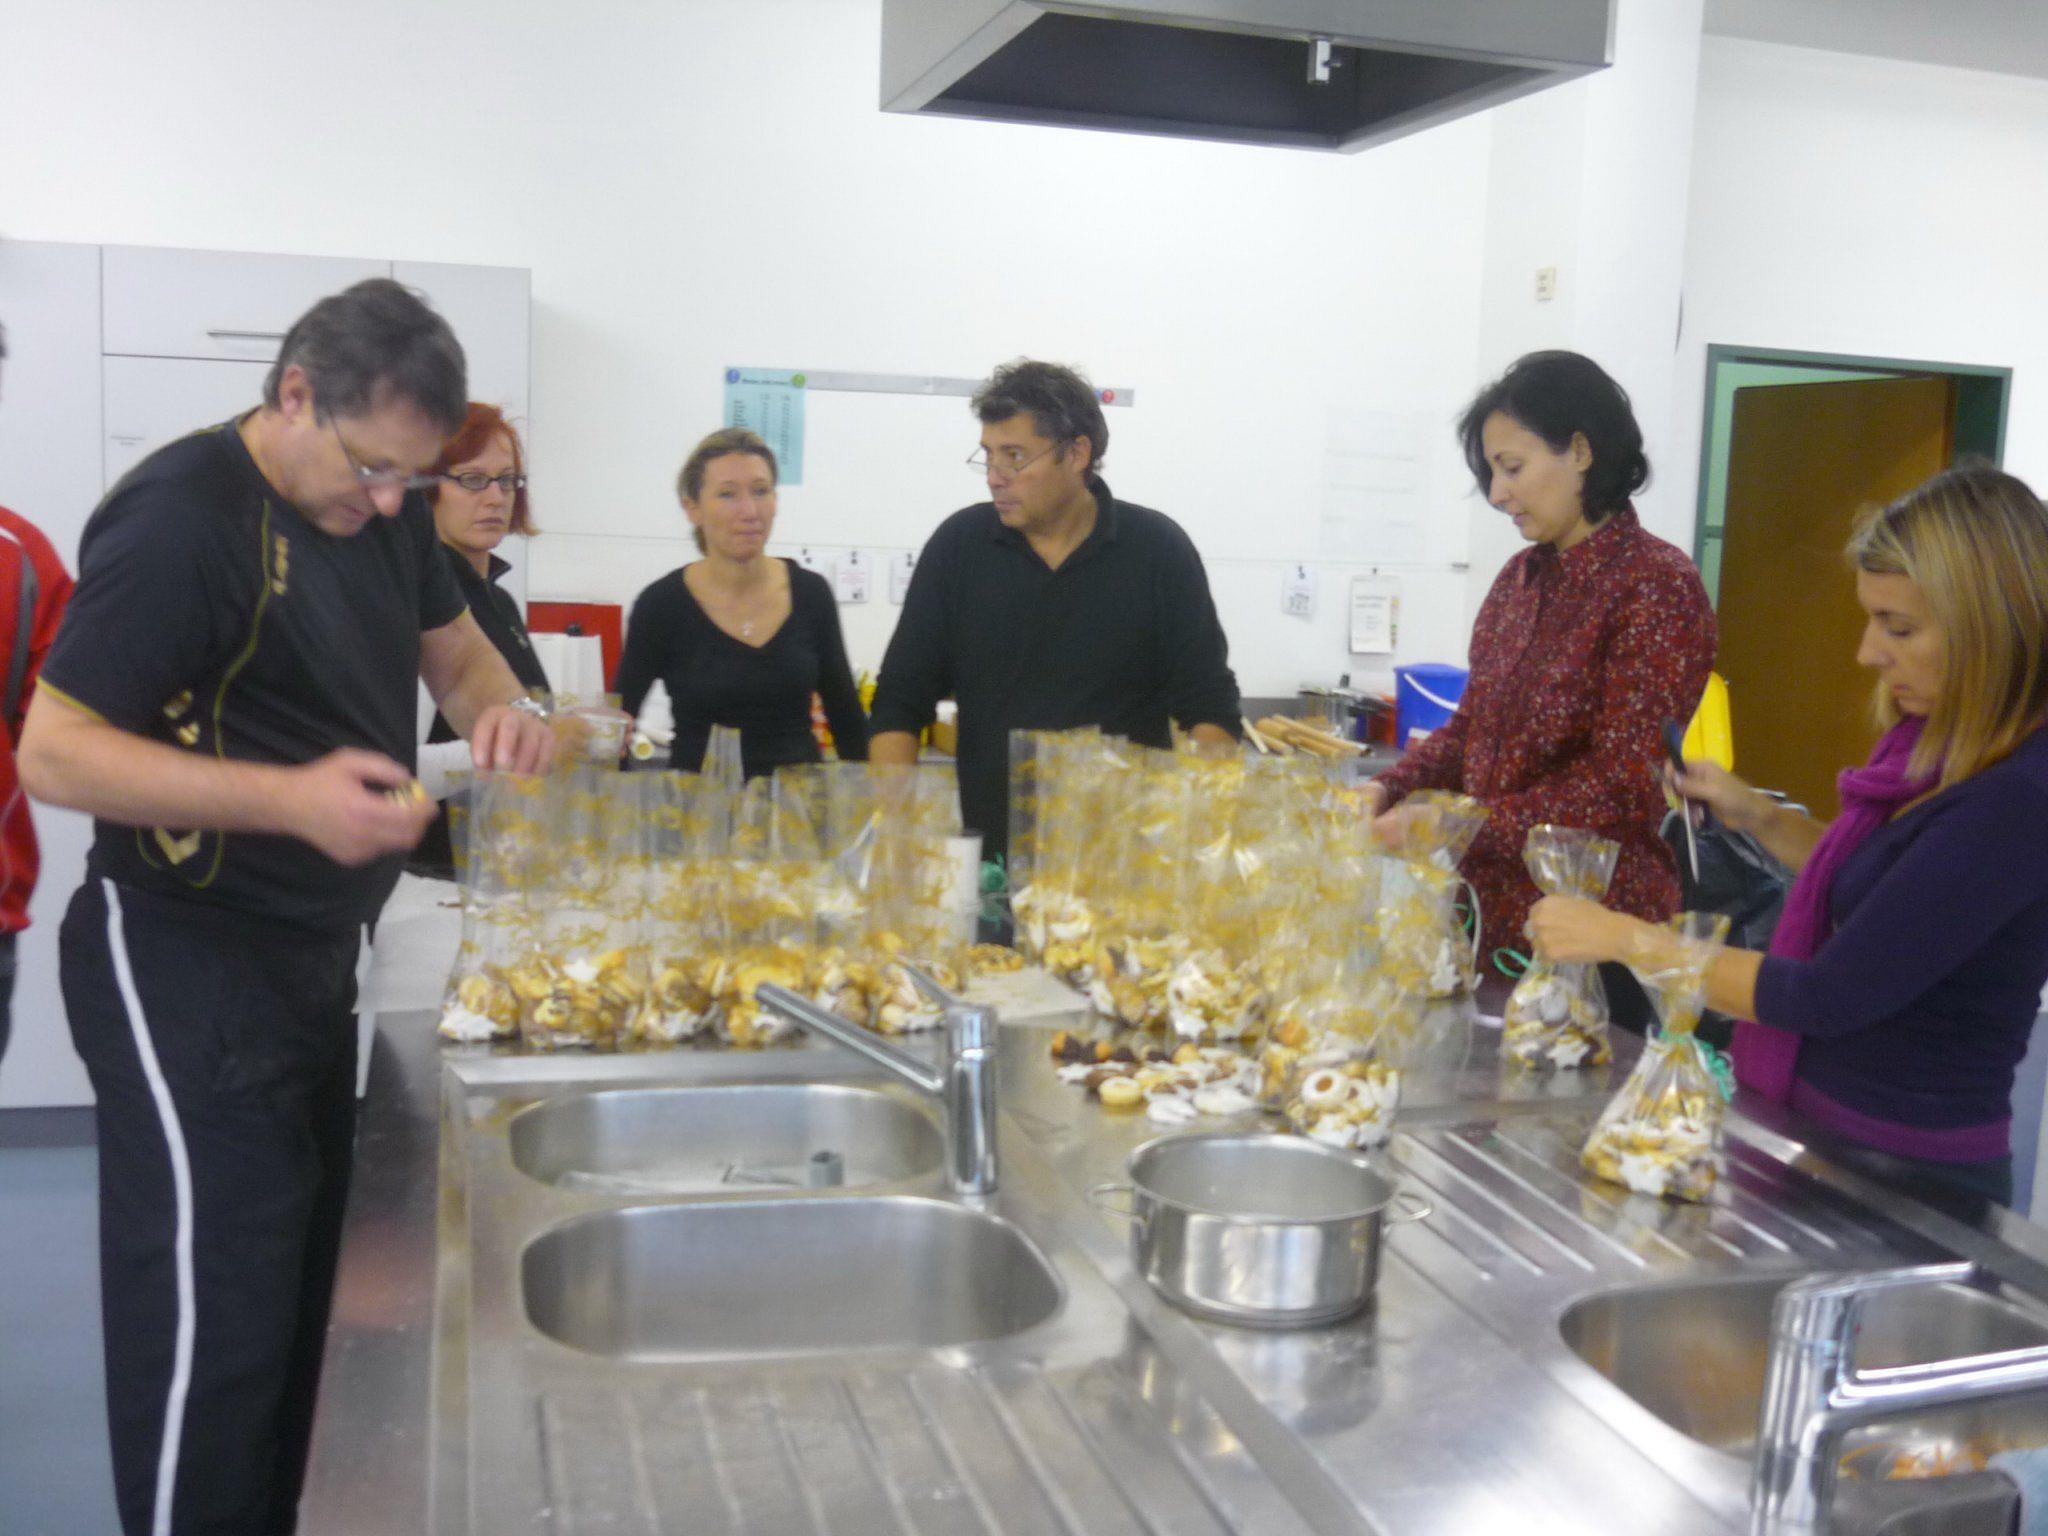 Nachwuchstrainer und Helfer haben Weihnachtskekse im FCD-Kiosk gebacken.